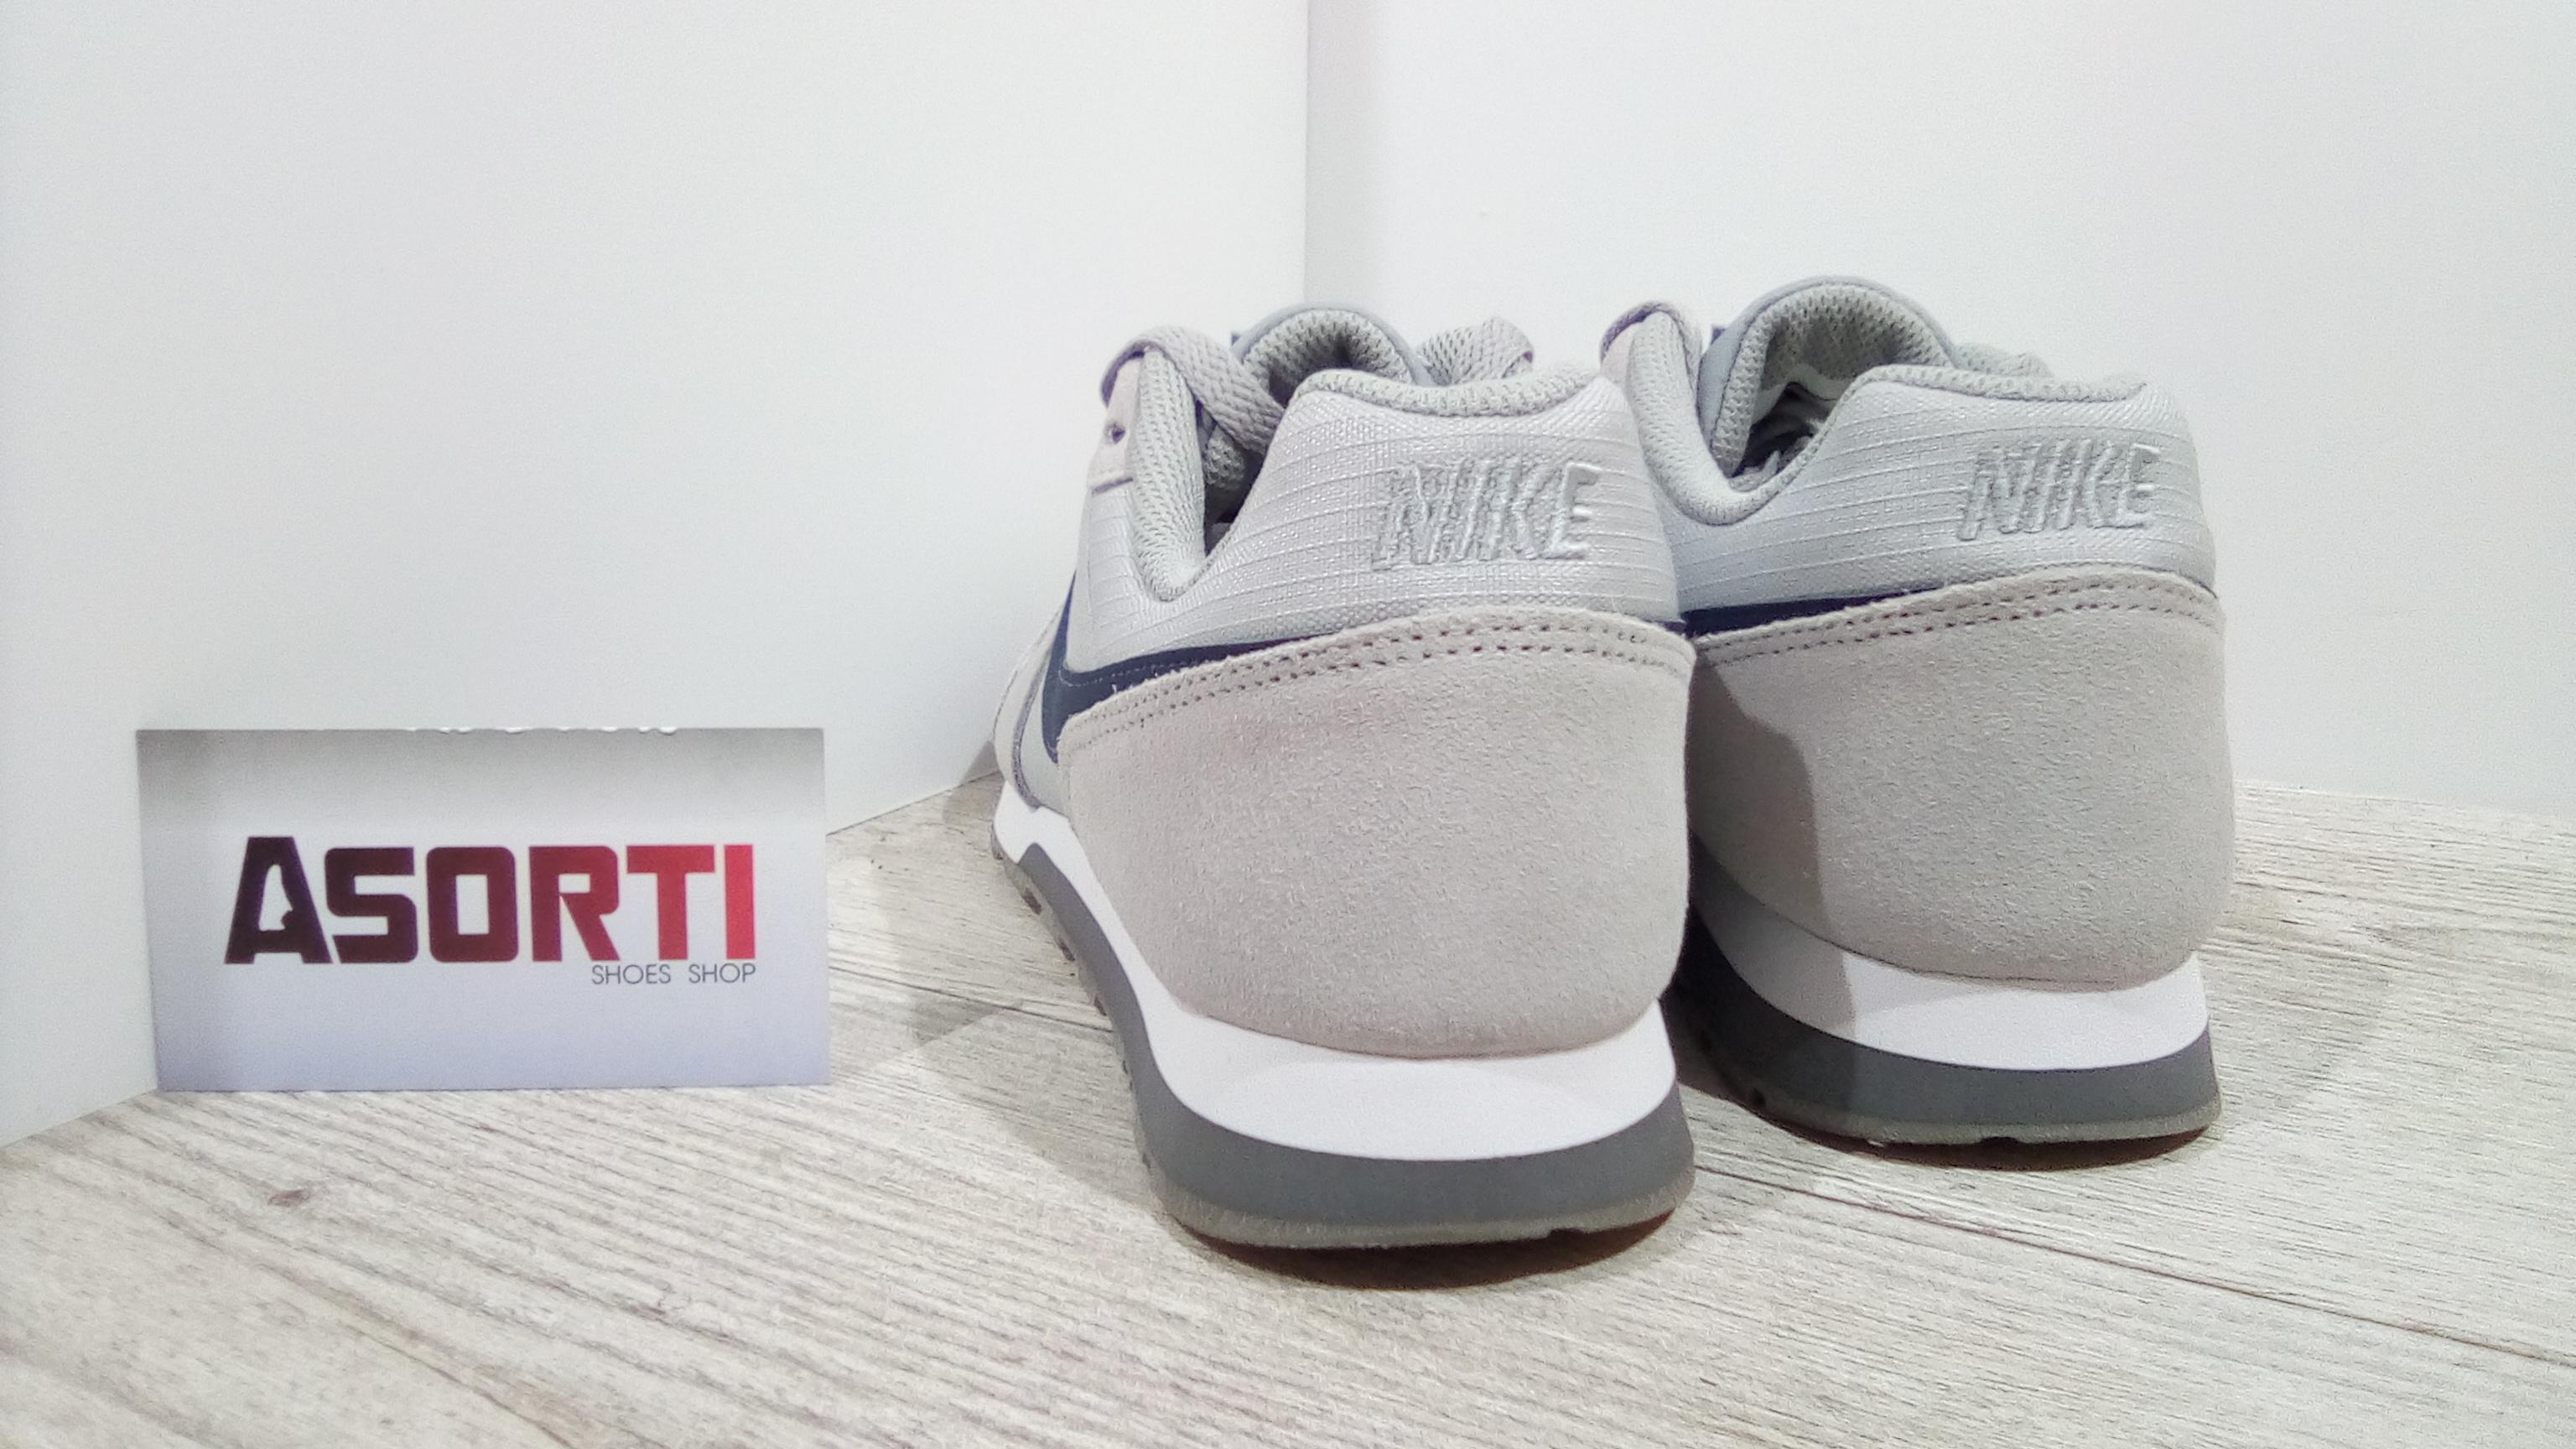 58ce8eb6 Жіночі кросівки Nike Md Runner 2 (807316-011) сірі купити в Україні ...